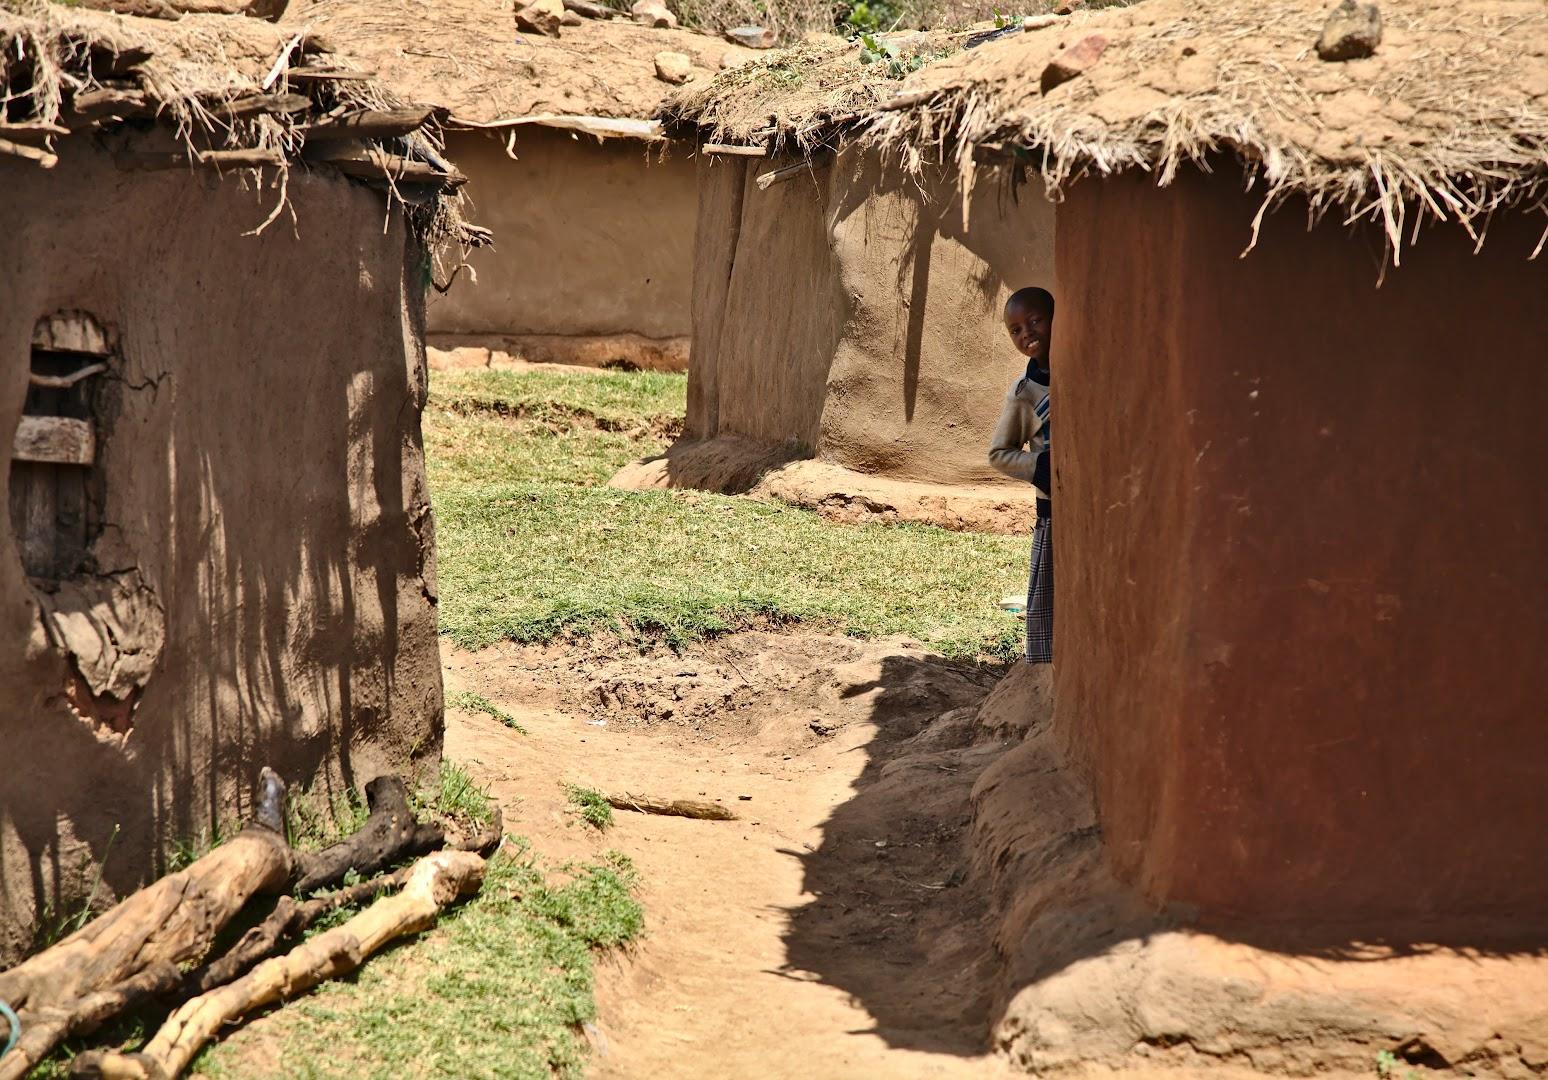 In Masai village